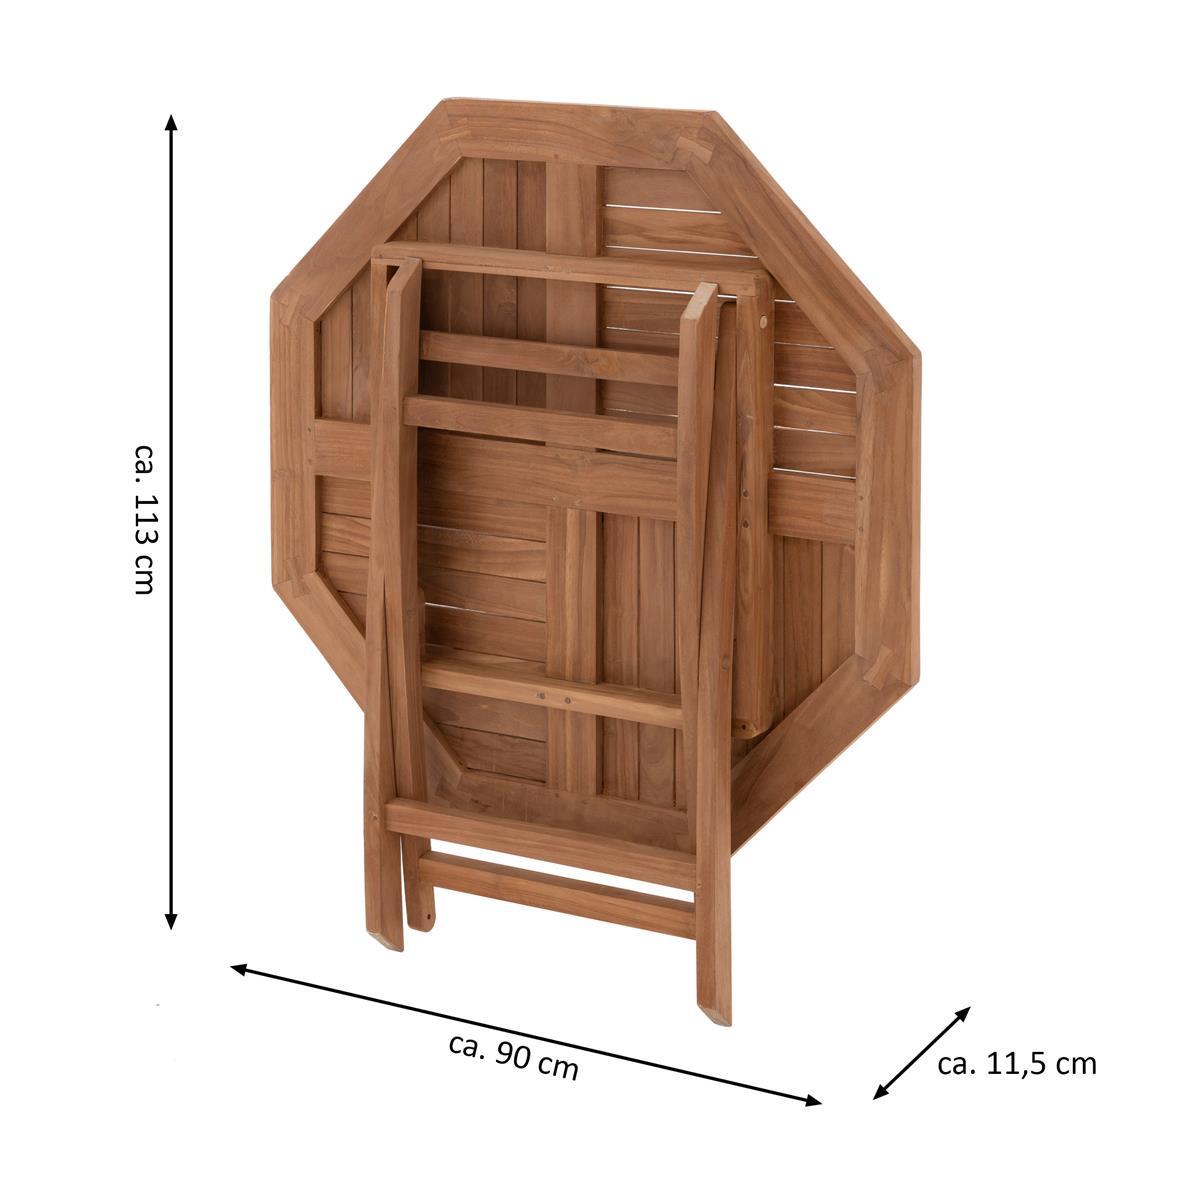 Full Size of Divero Balkontisch Gartentisch Tisch Holz Teak Klappbar Behandelt Massivholz Regal Betten Aus Schlafzimmer Bett Cd Esstisch Ausziehbar Massiv Küche Weiß Wohnzimmer Gartentisch Klappbar Holz